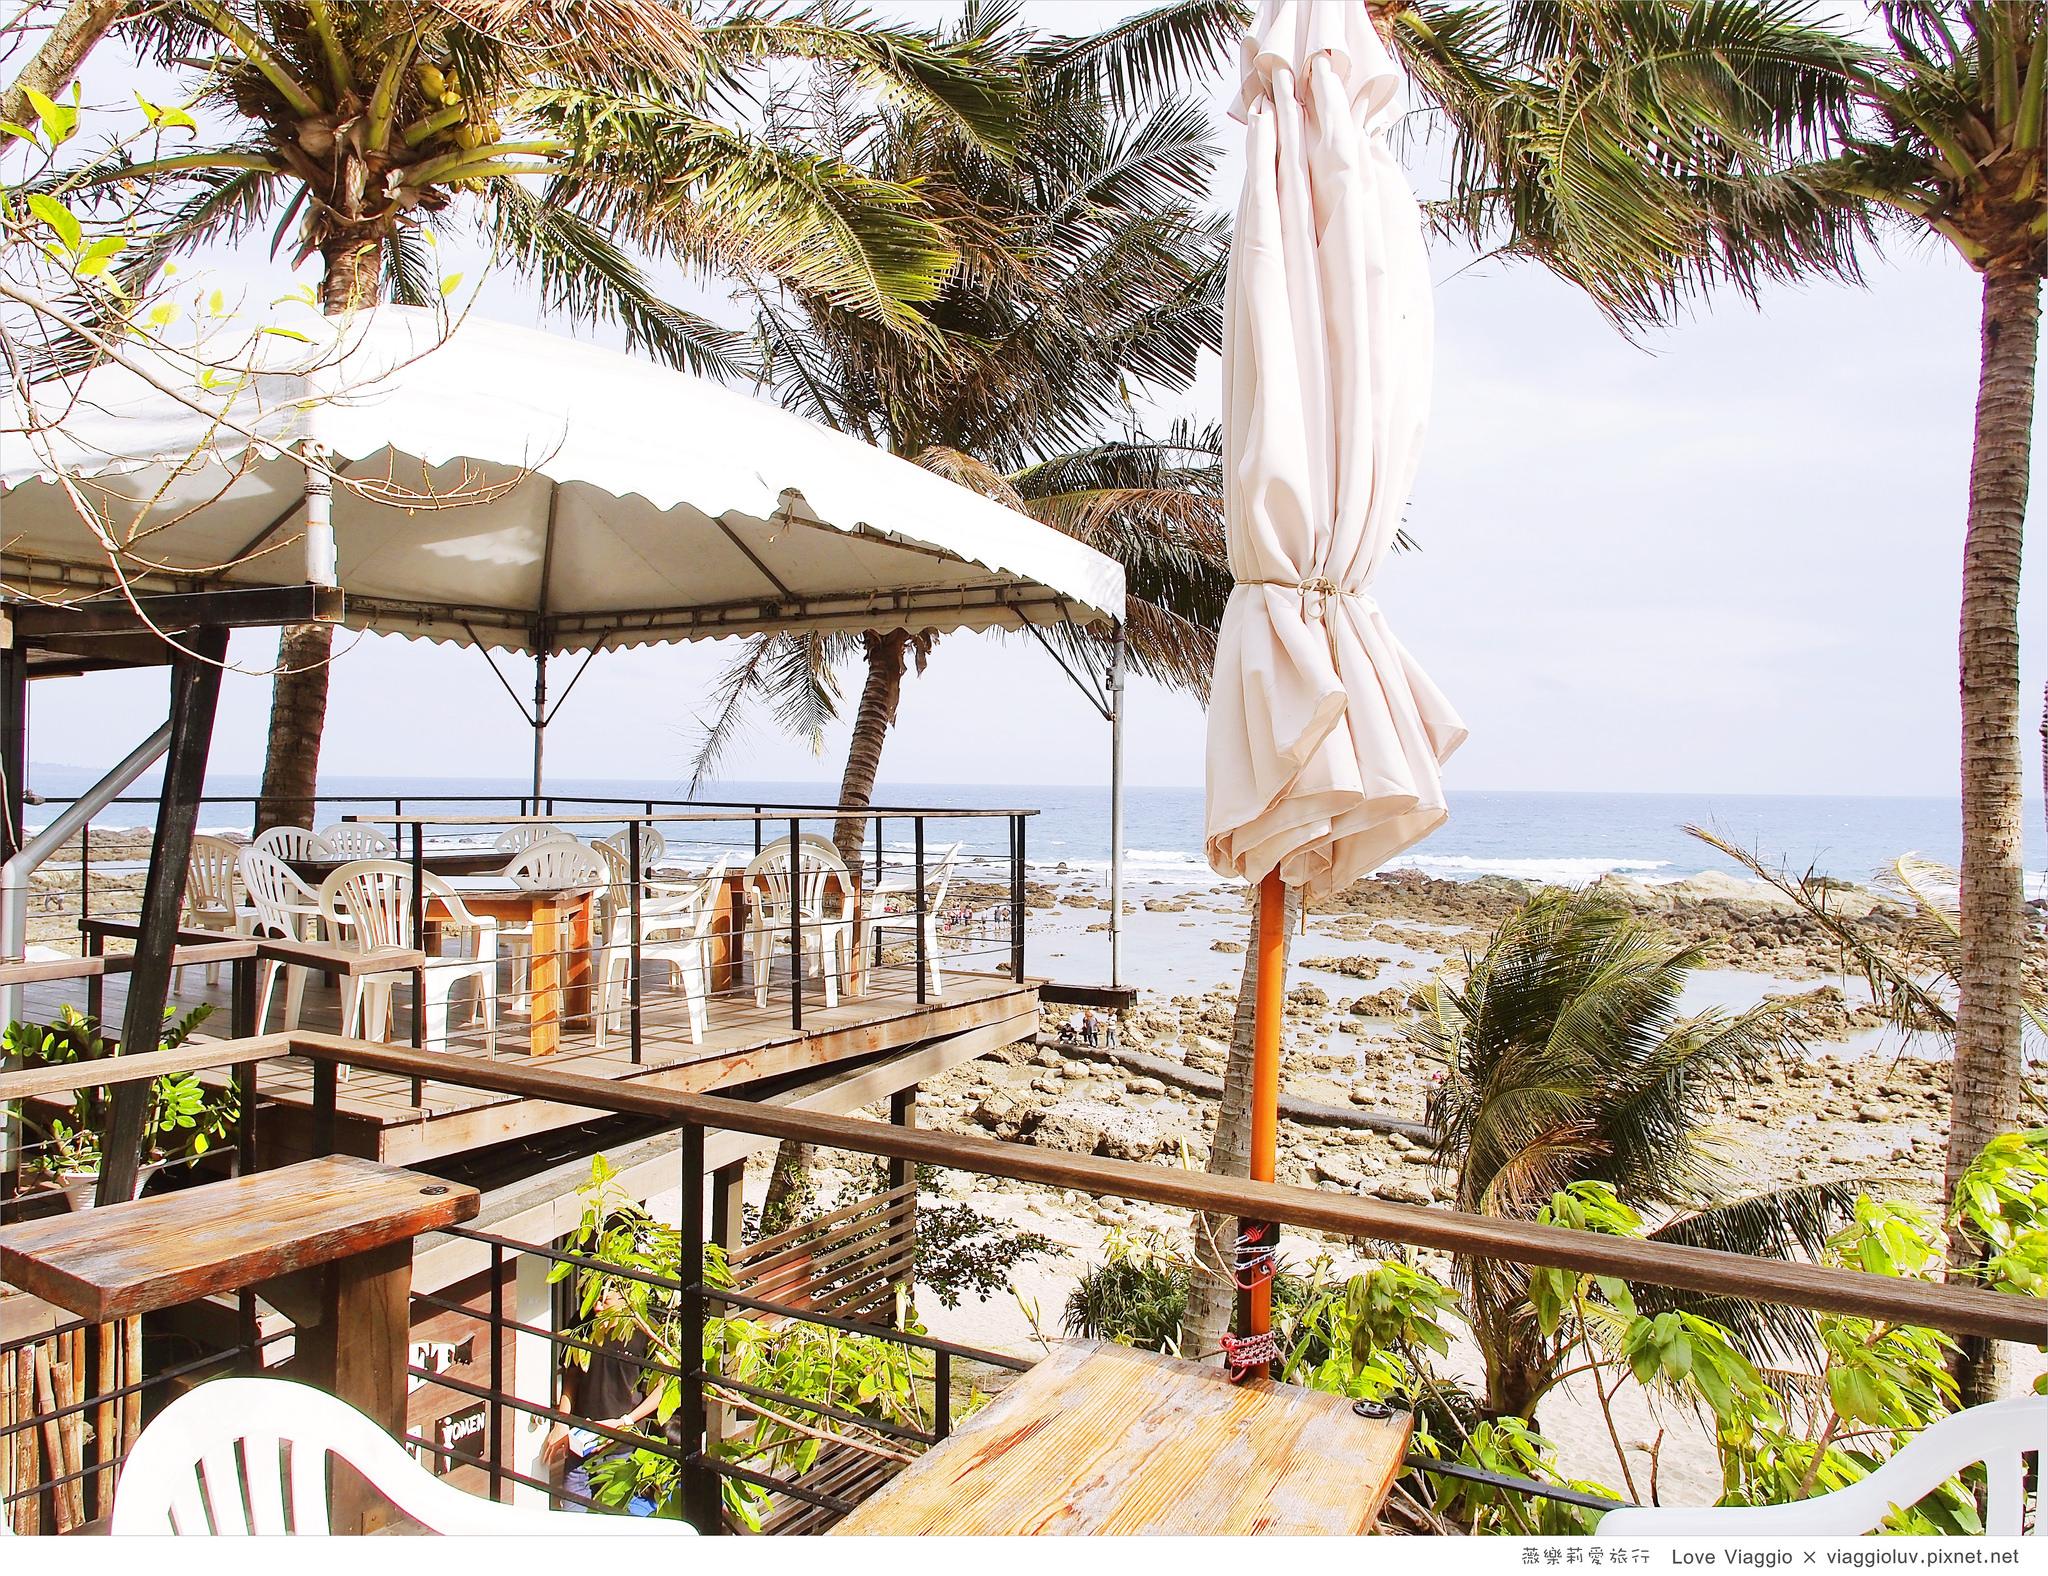 【台東 Taitung】小魚兒的家咖啡坊 卑南鄉海岸線欣賞太平洋海景咖啡